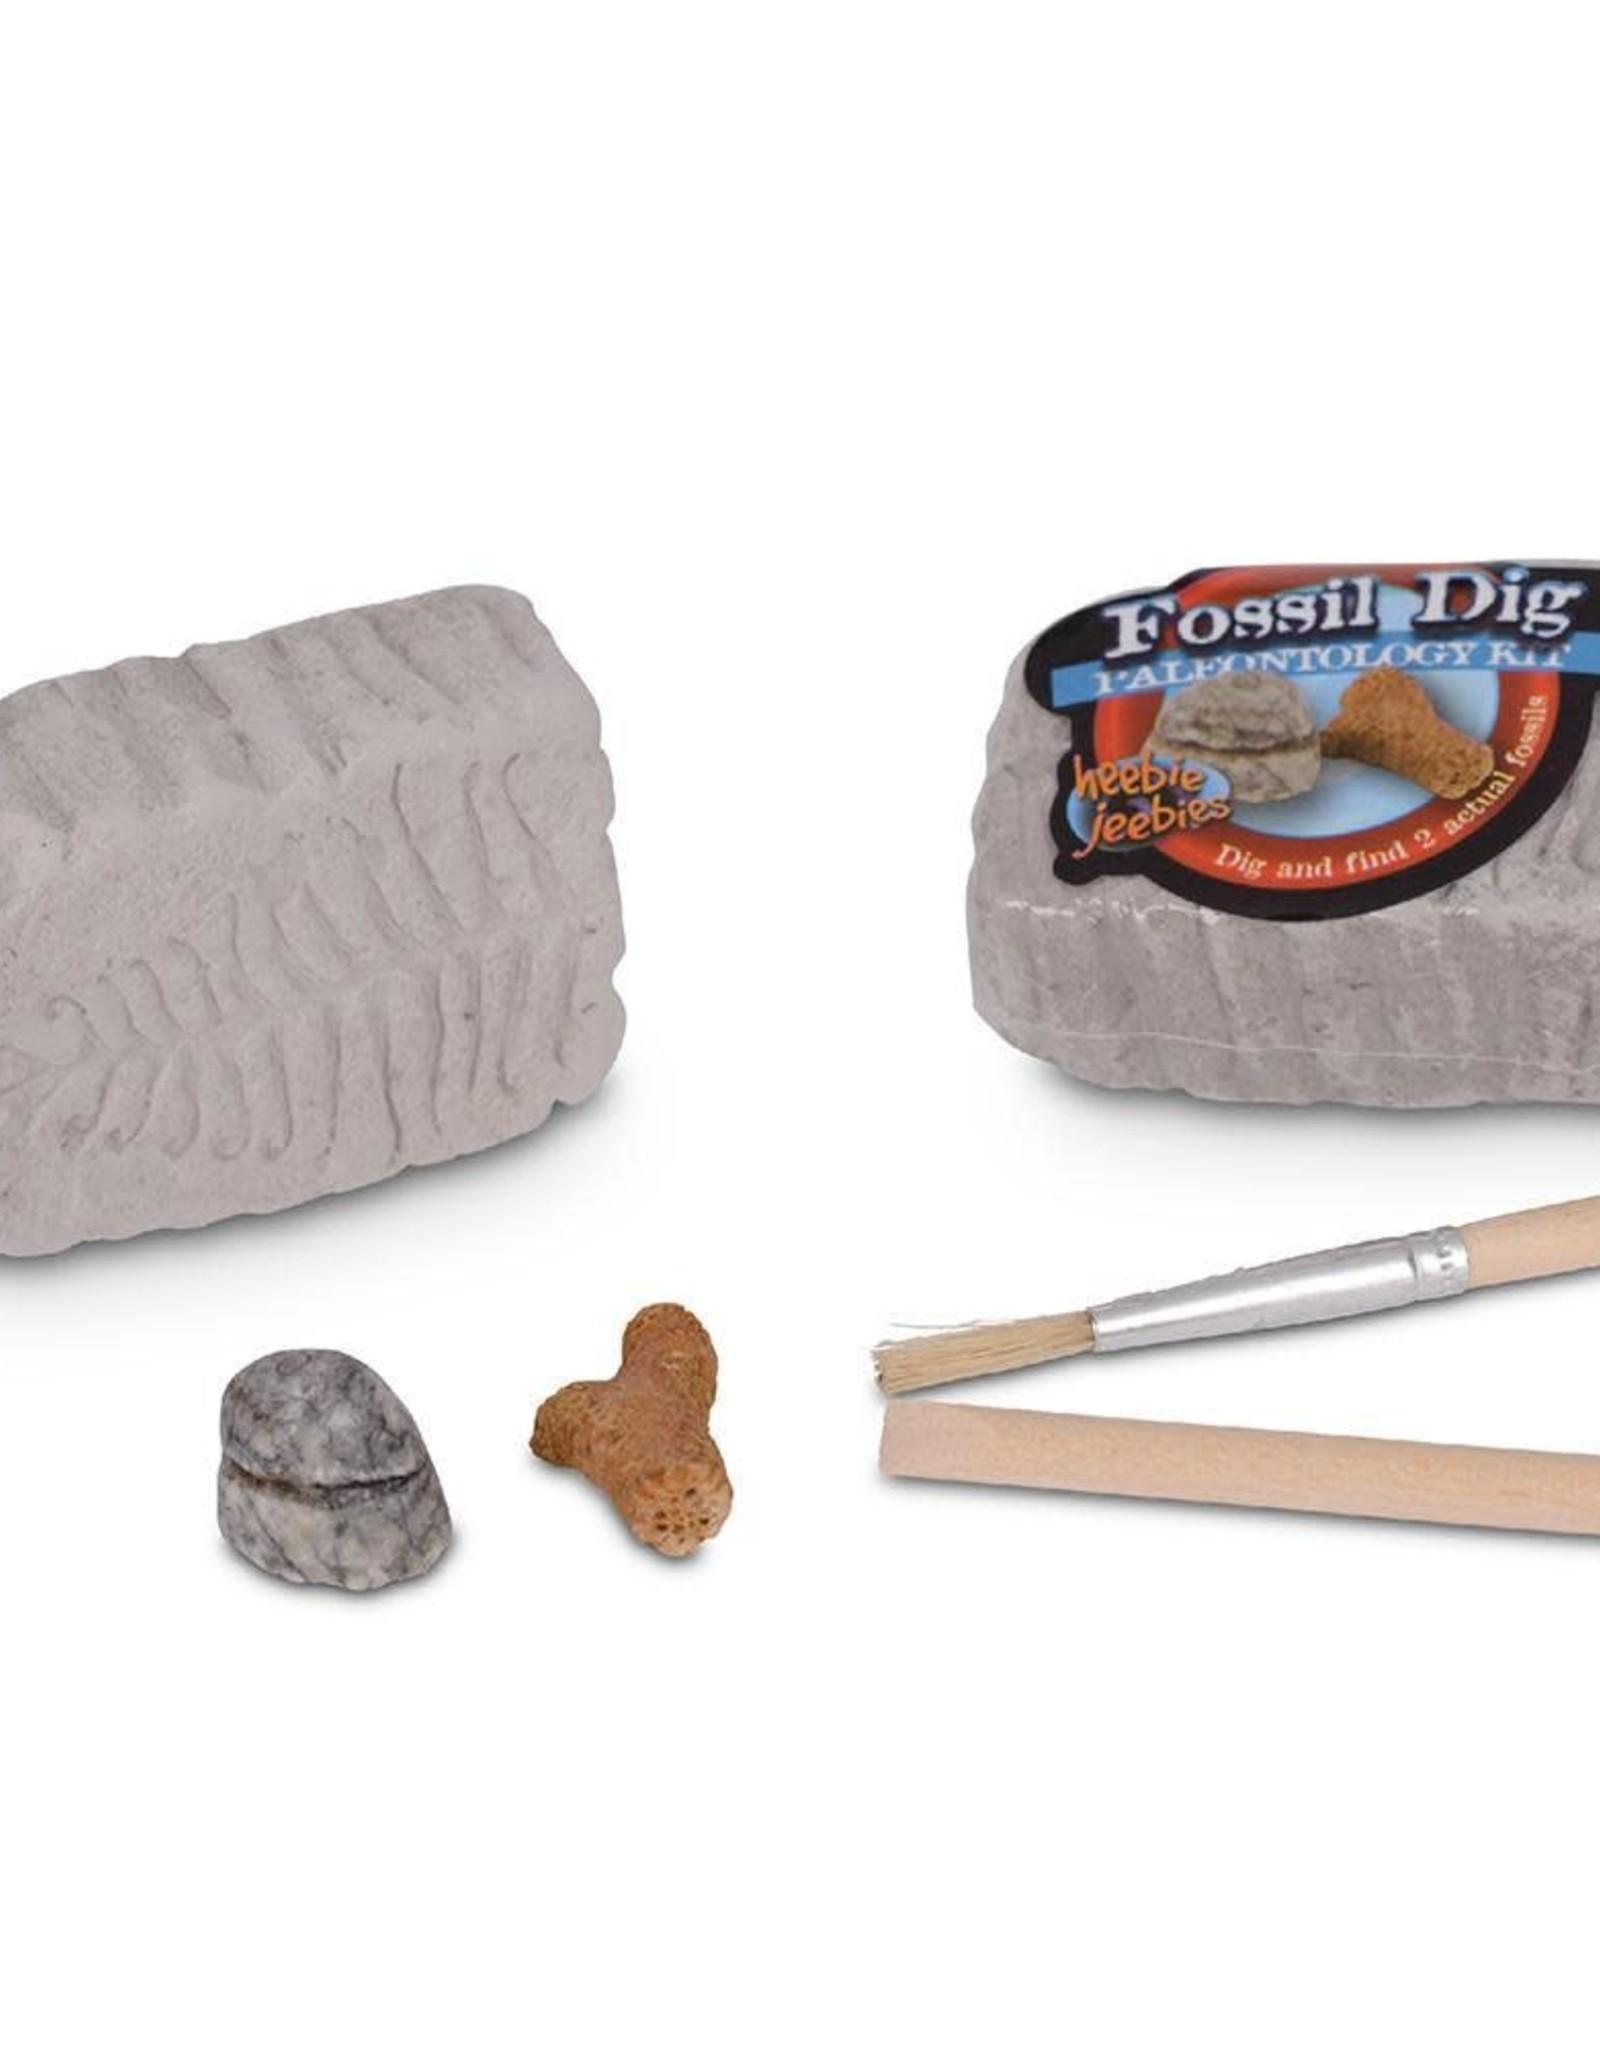 Heebie Jeebies Heebie Jeebies Fossil Dig